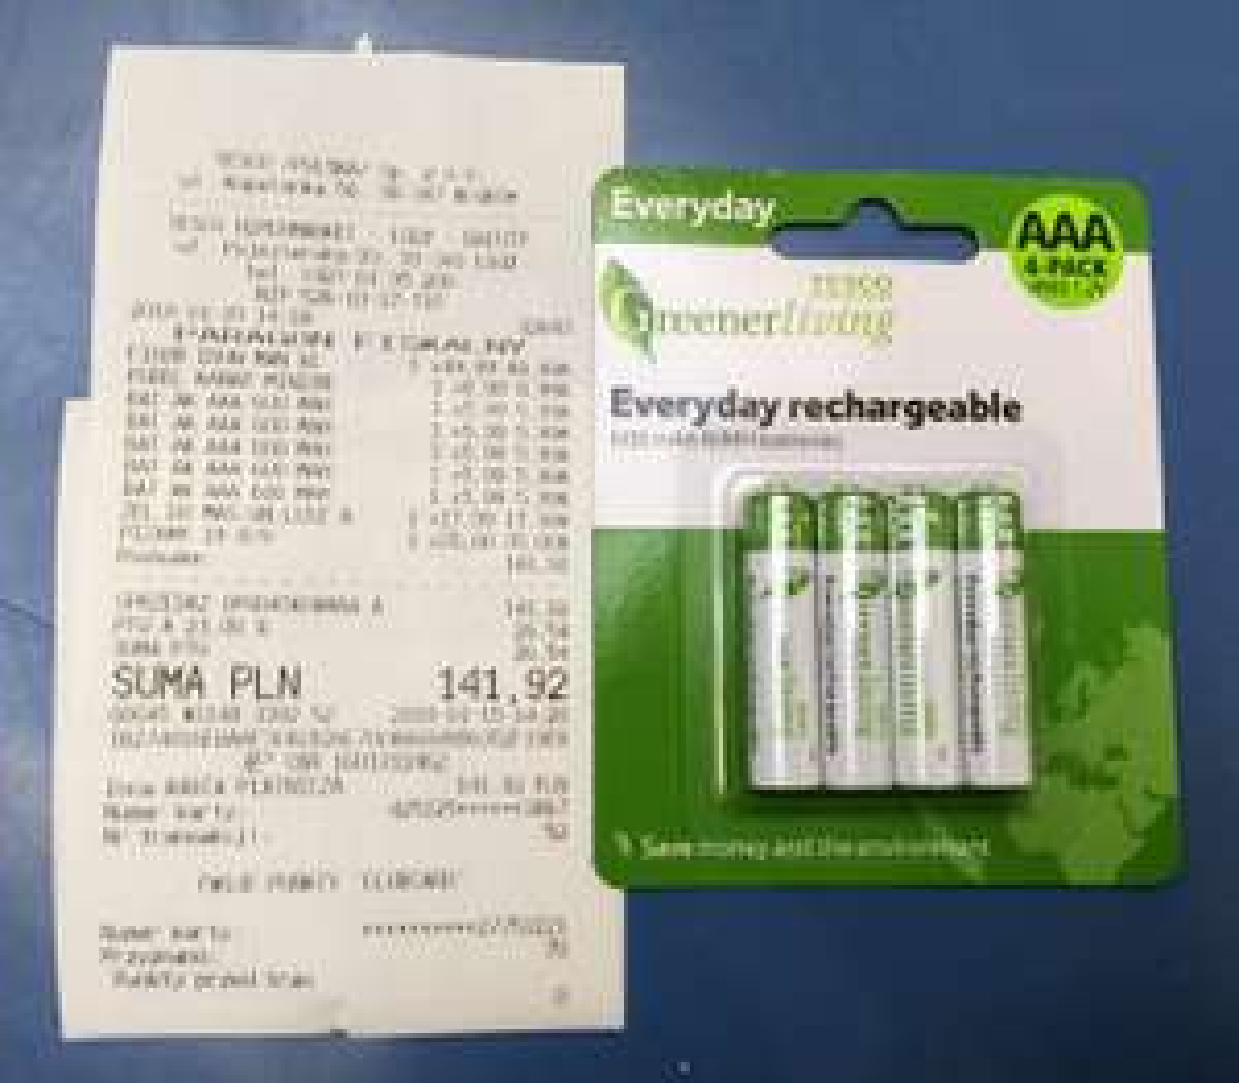 Akumulatorek AAA 600mAh w Tesco